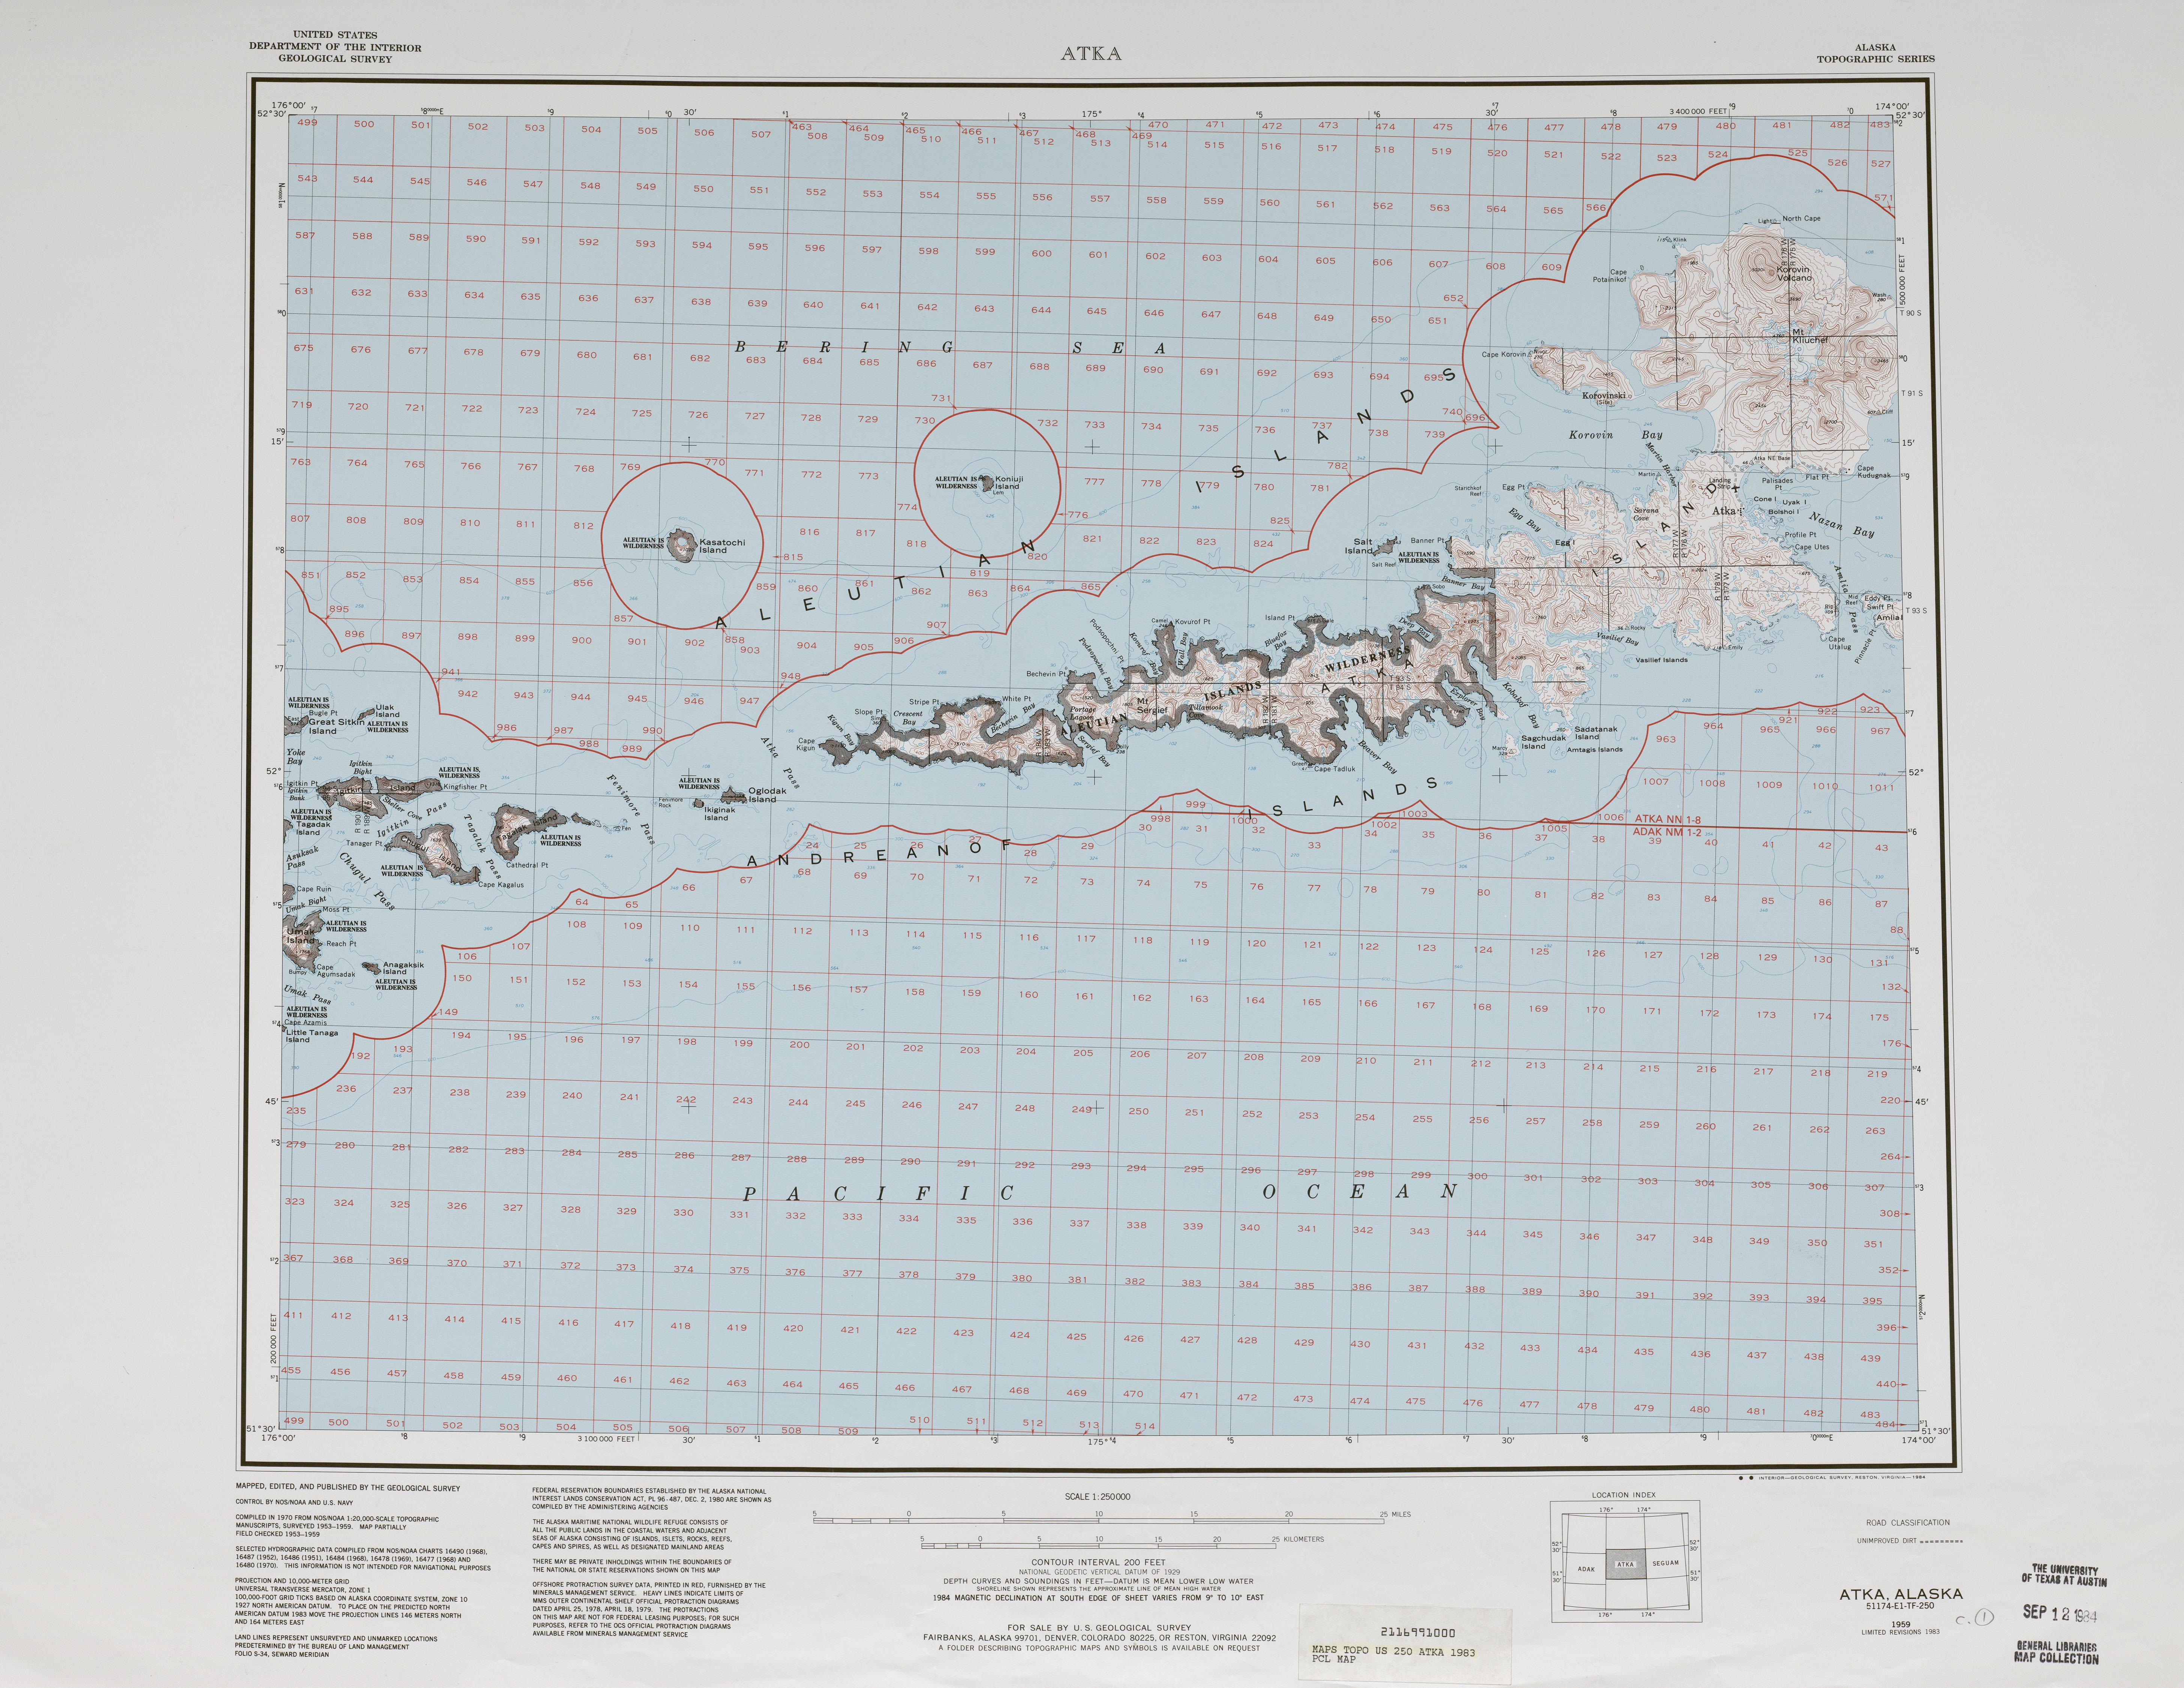 Hoja Atka del Mosaico de Imágenes Radar de los Estados Unidos 1983